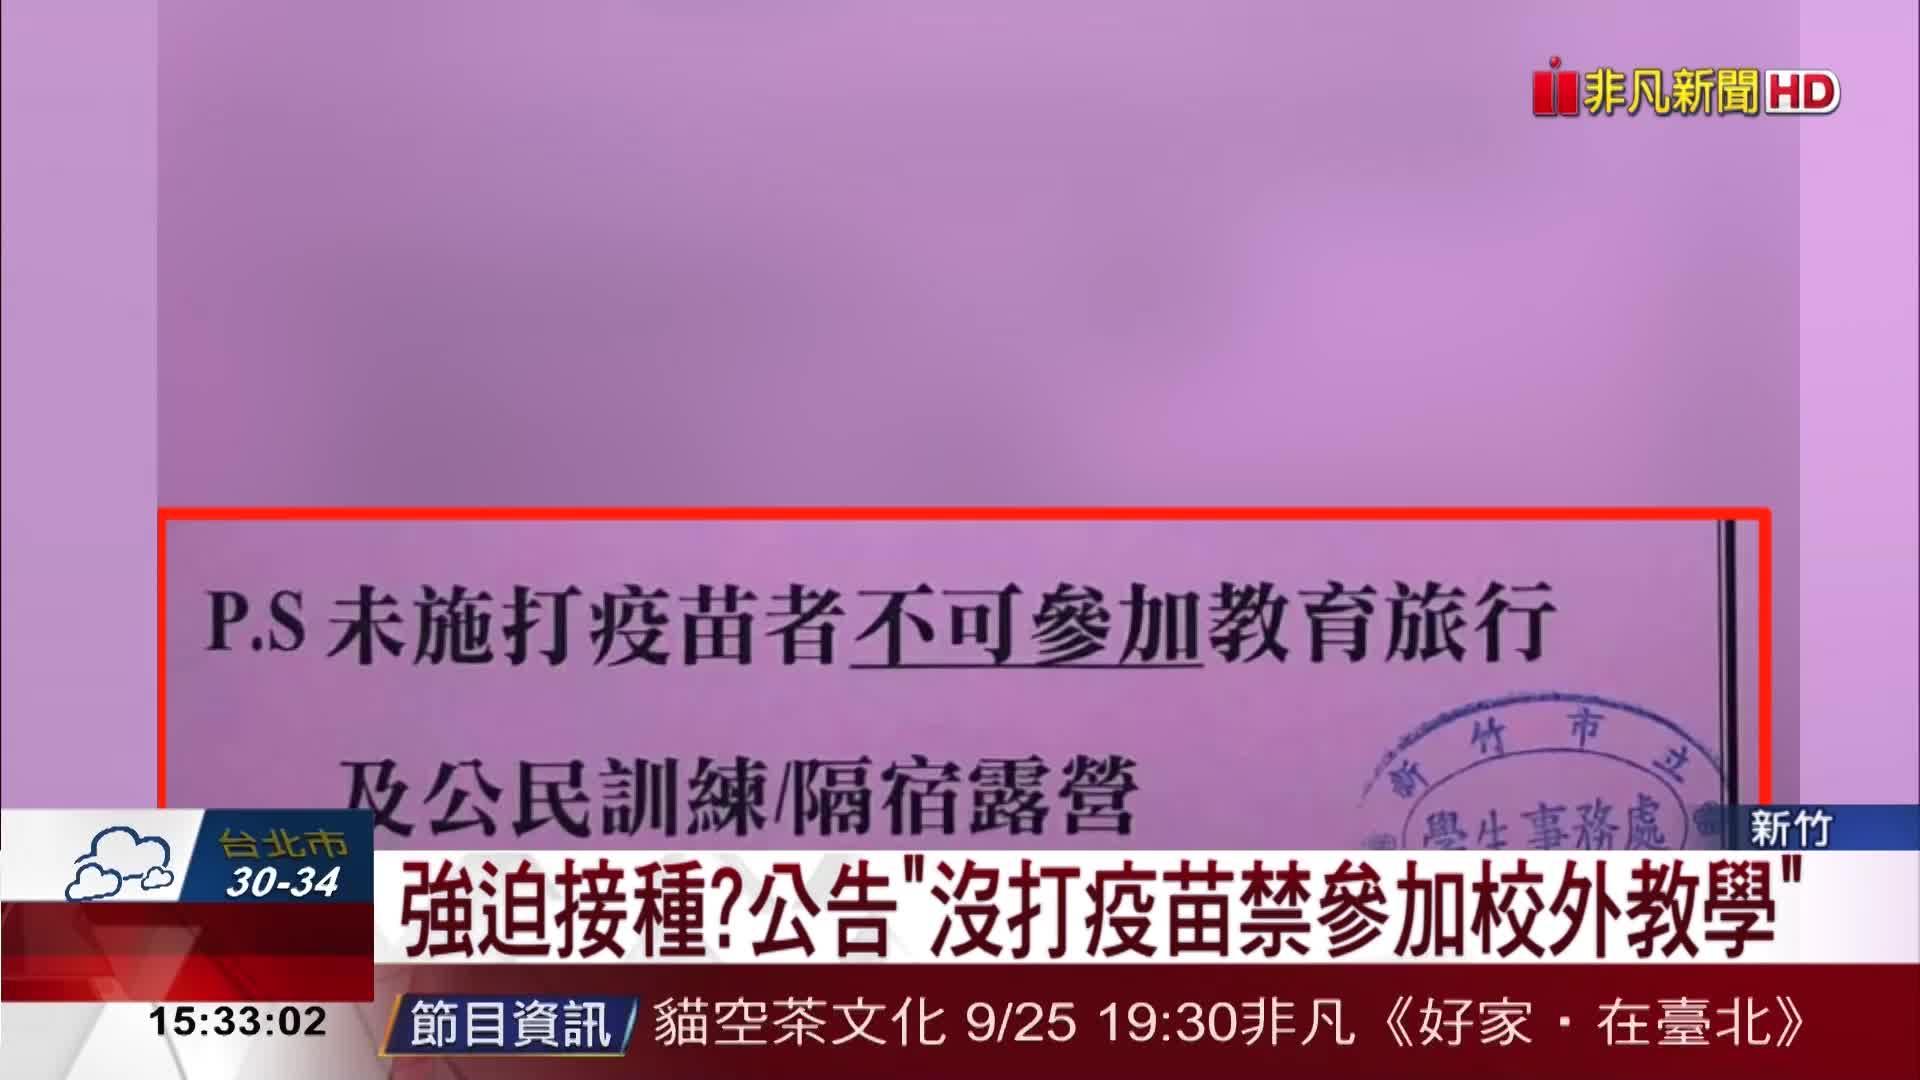 沒打疫苗禁校外教學?香山高中撤公告致歉